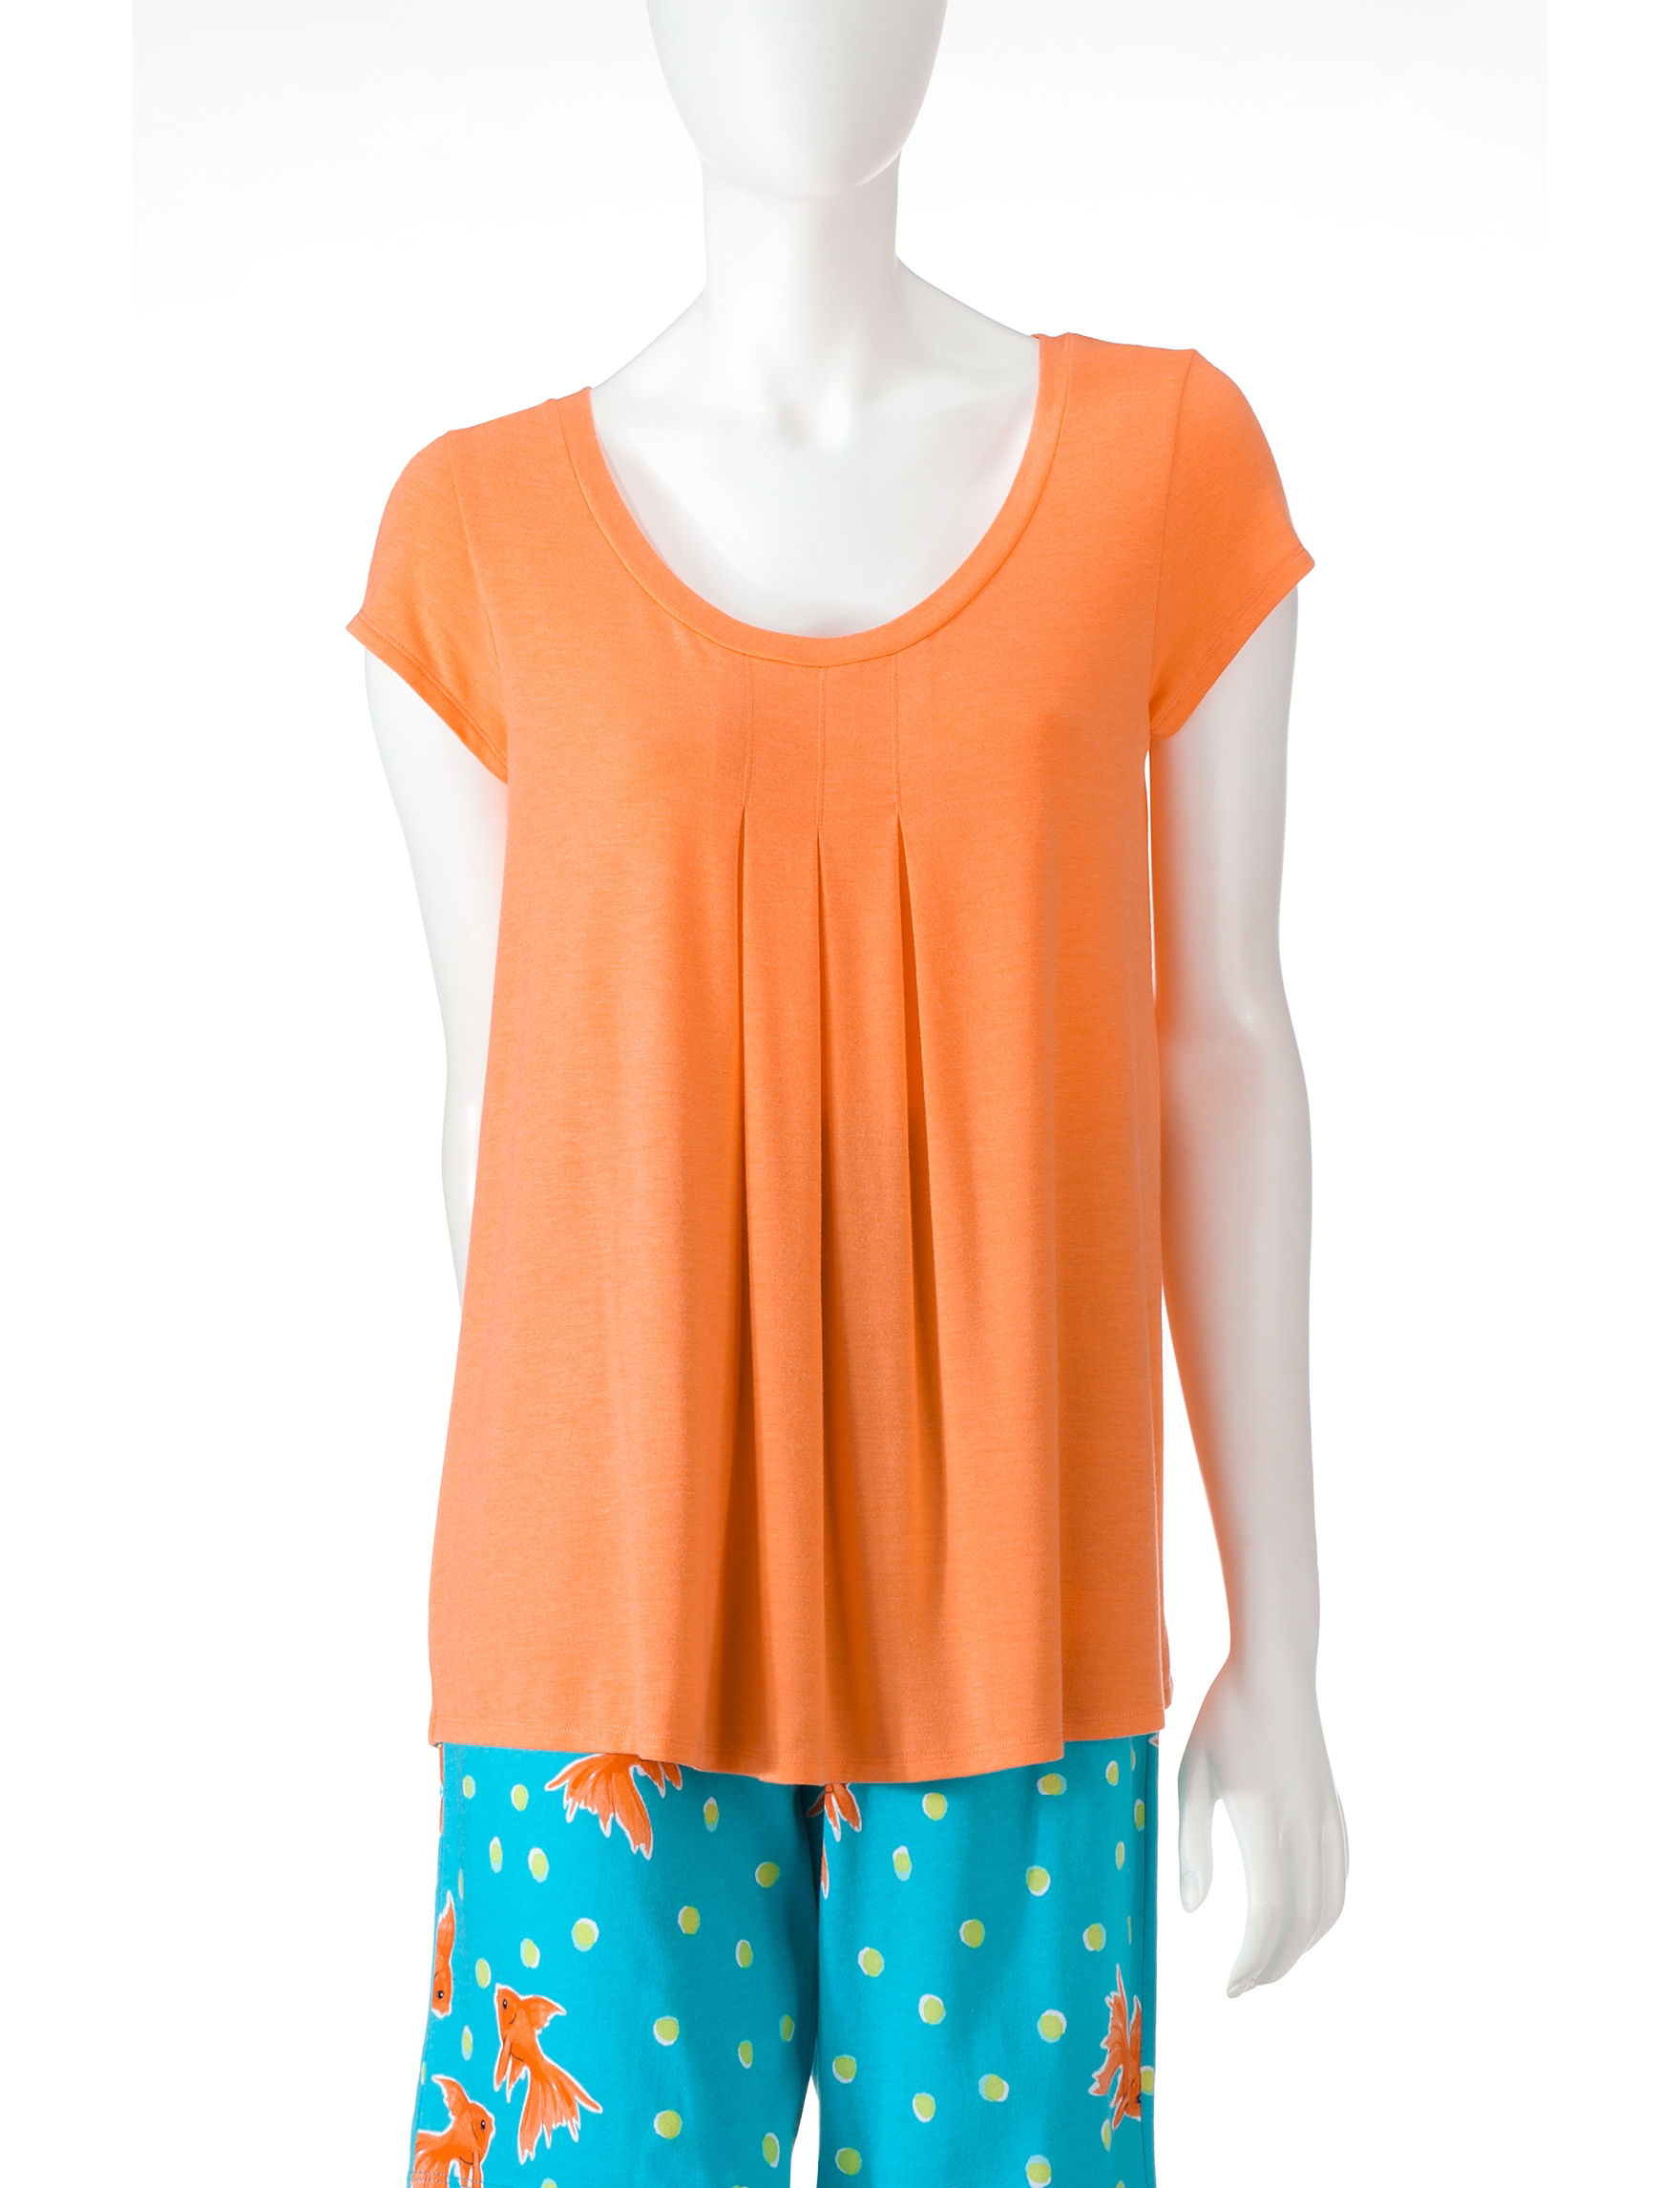 Hue Orange Pajama Tops